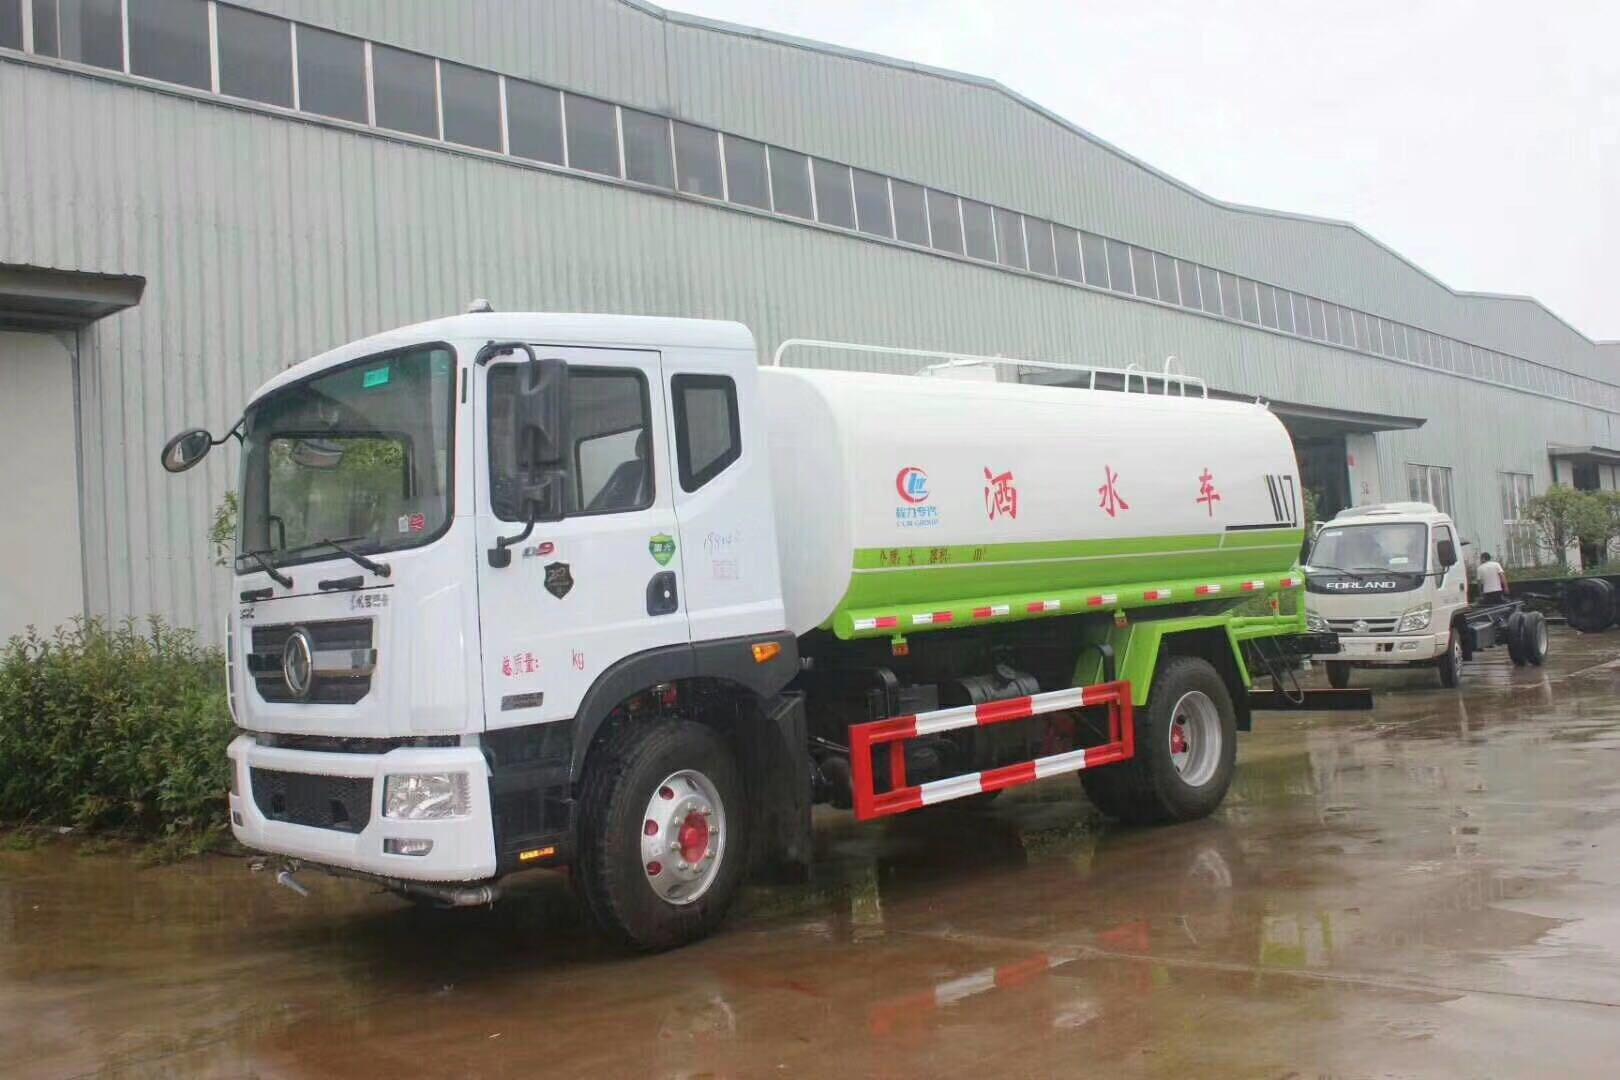 国六12吨洒水车康明斯210马力,适合工地和矿上使用。图片